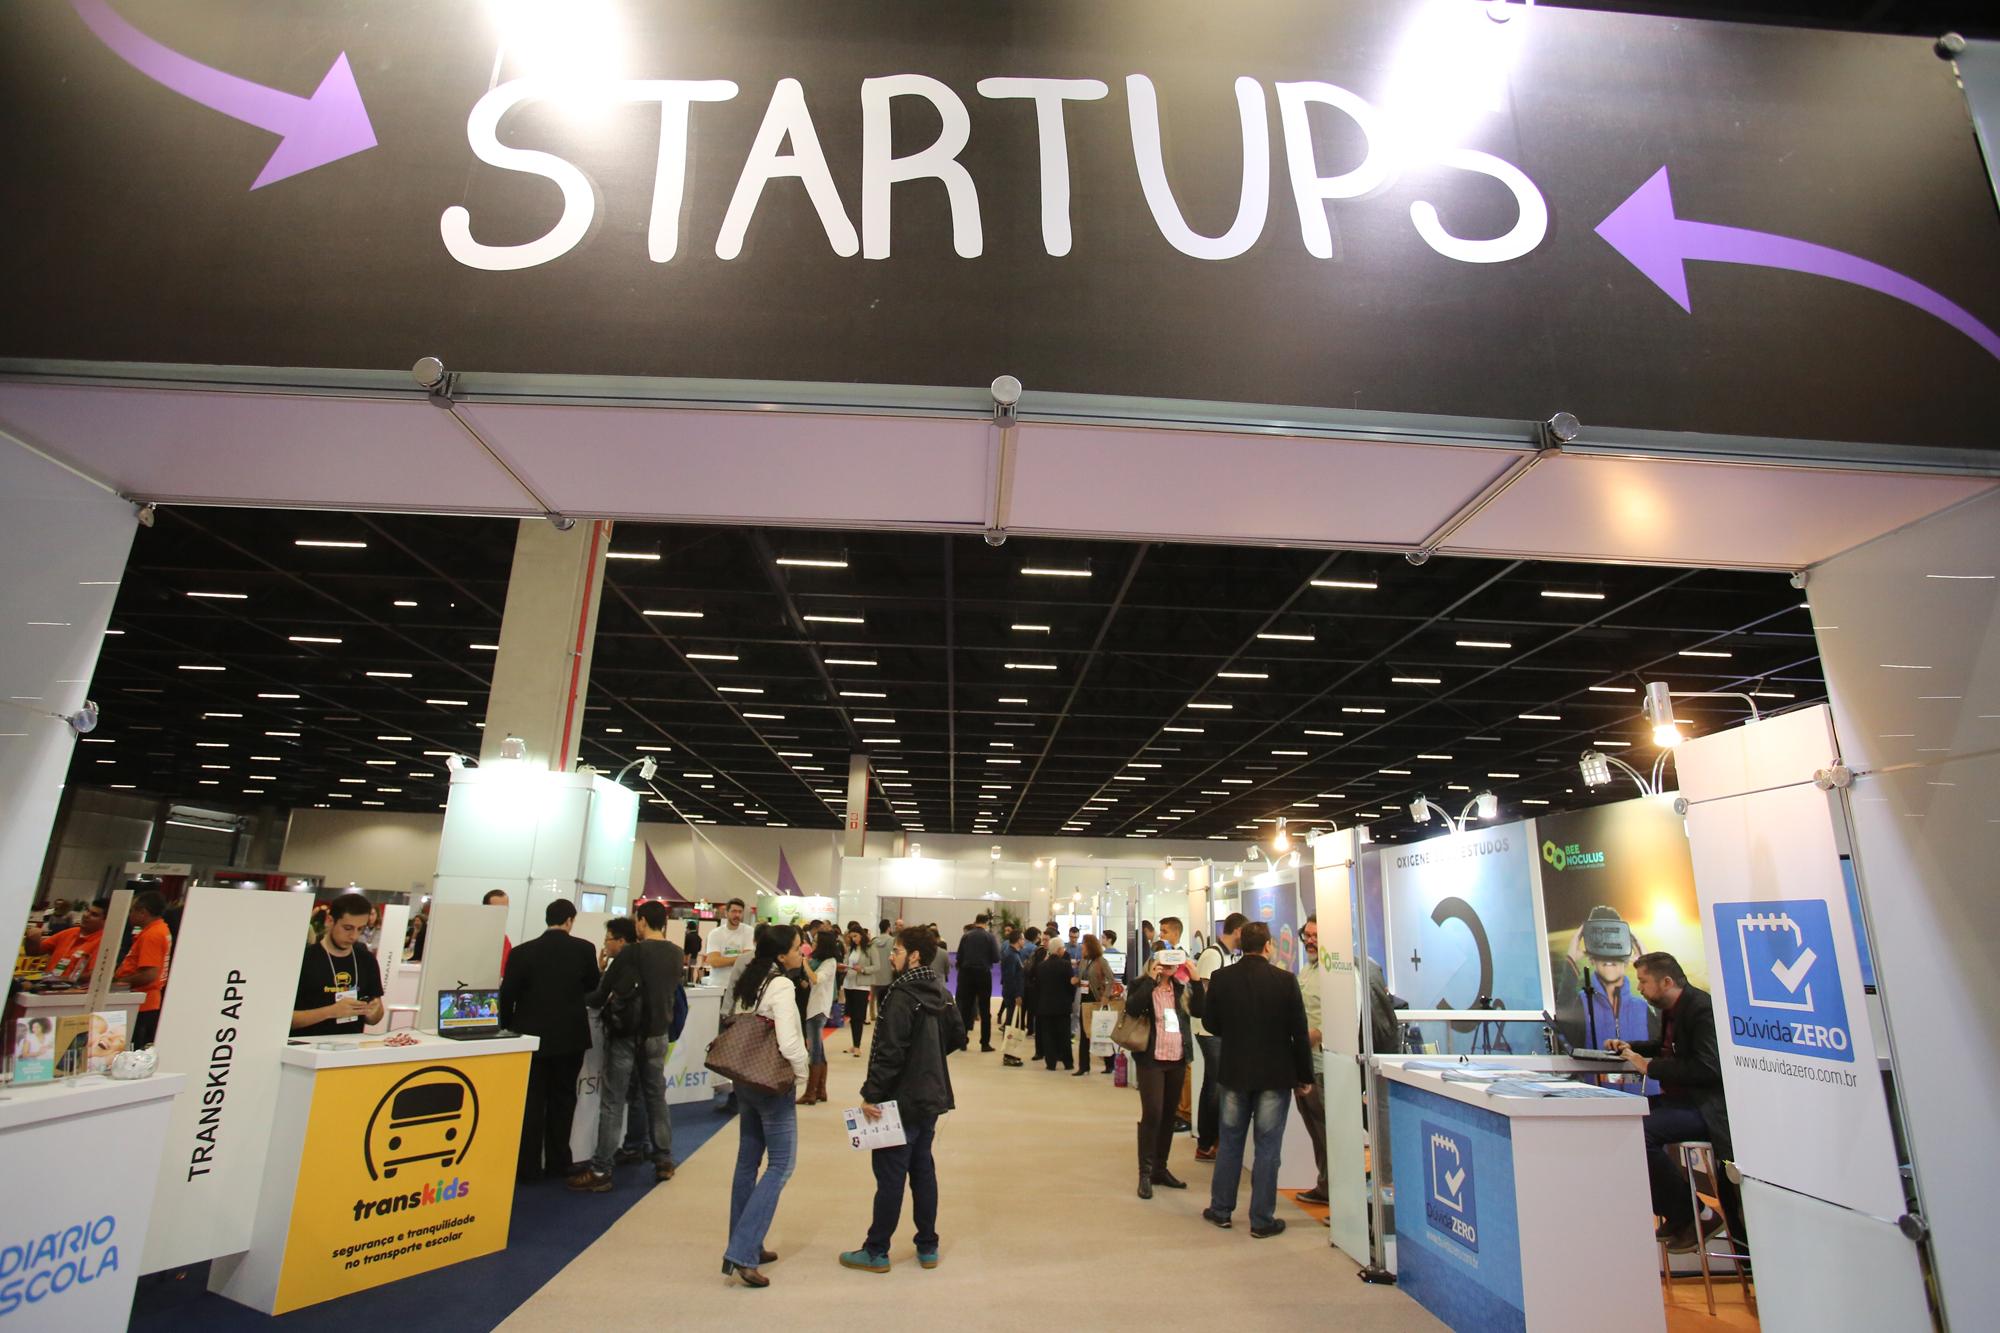 Espaço Start Ups cresce 50% e ganha mais interação com visitantes